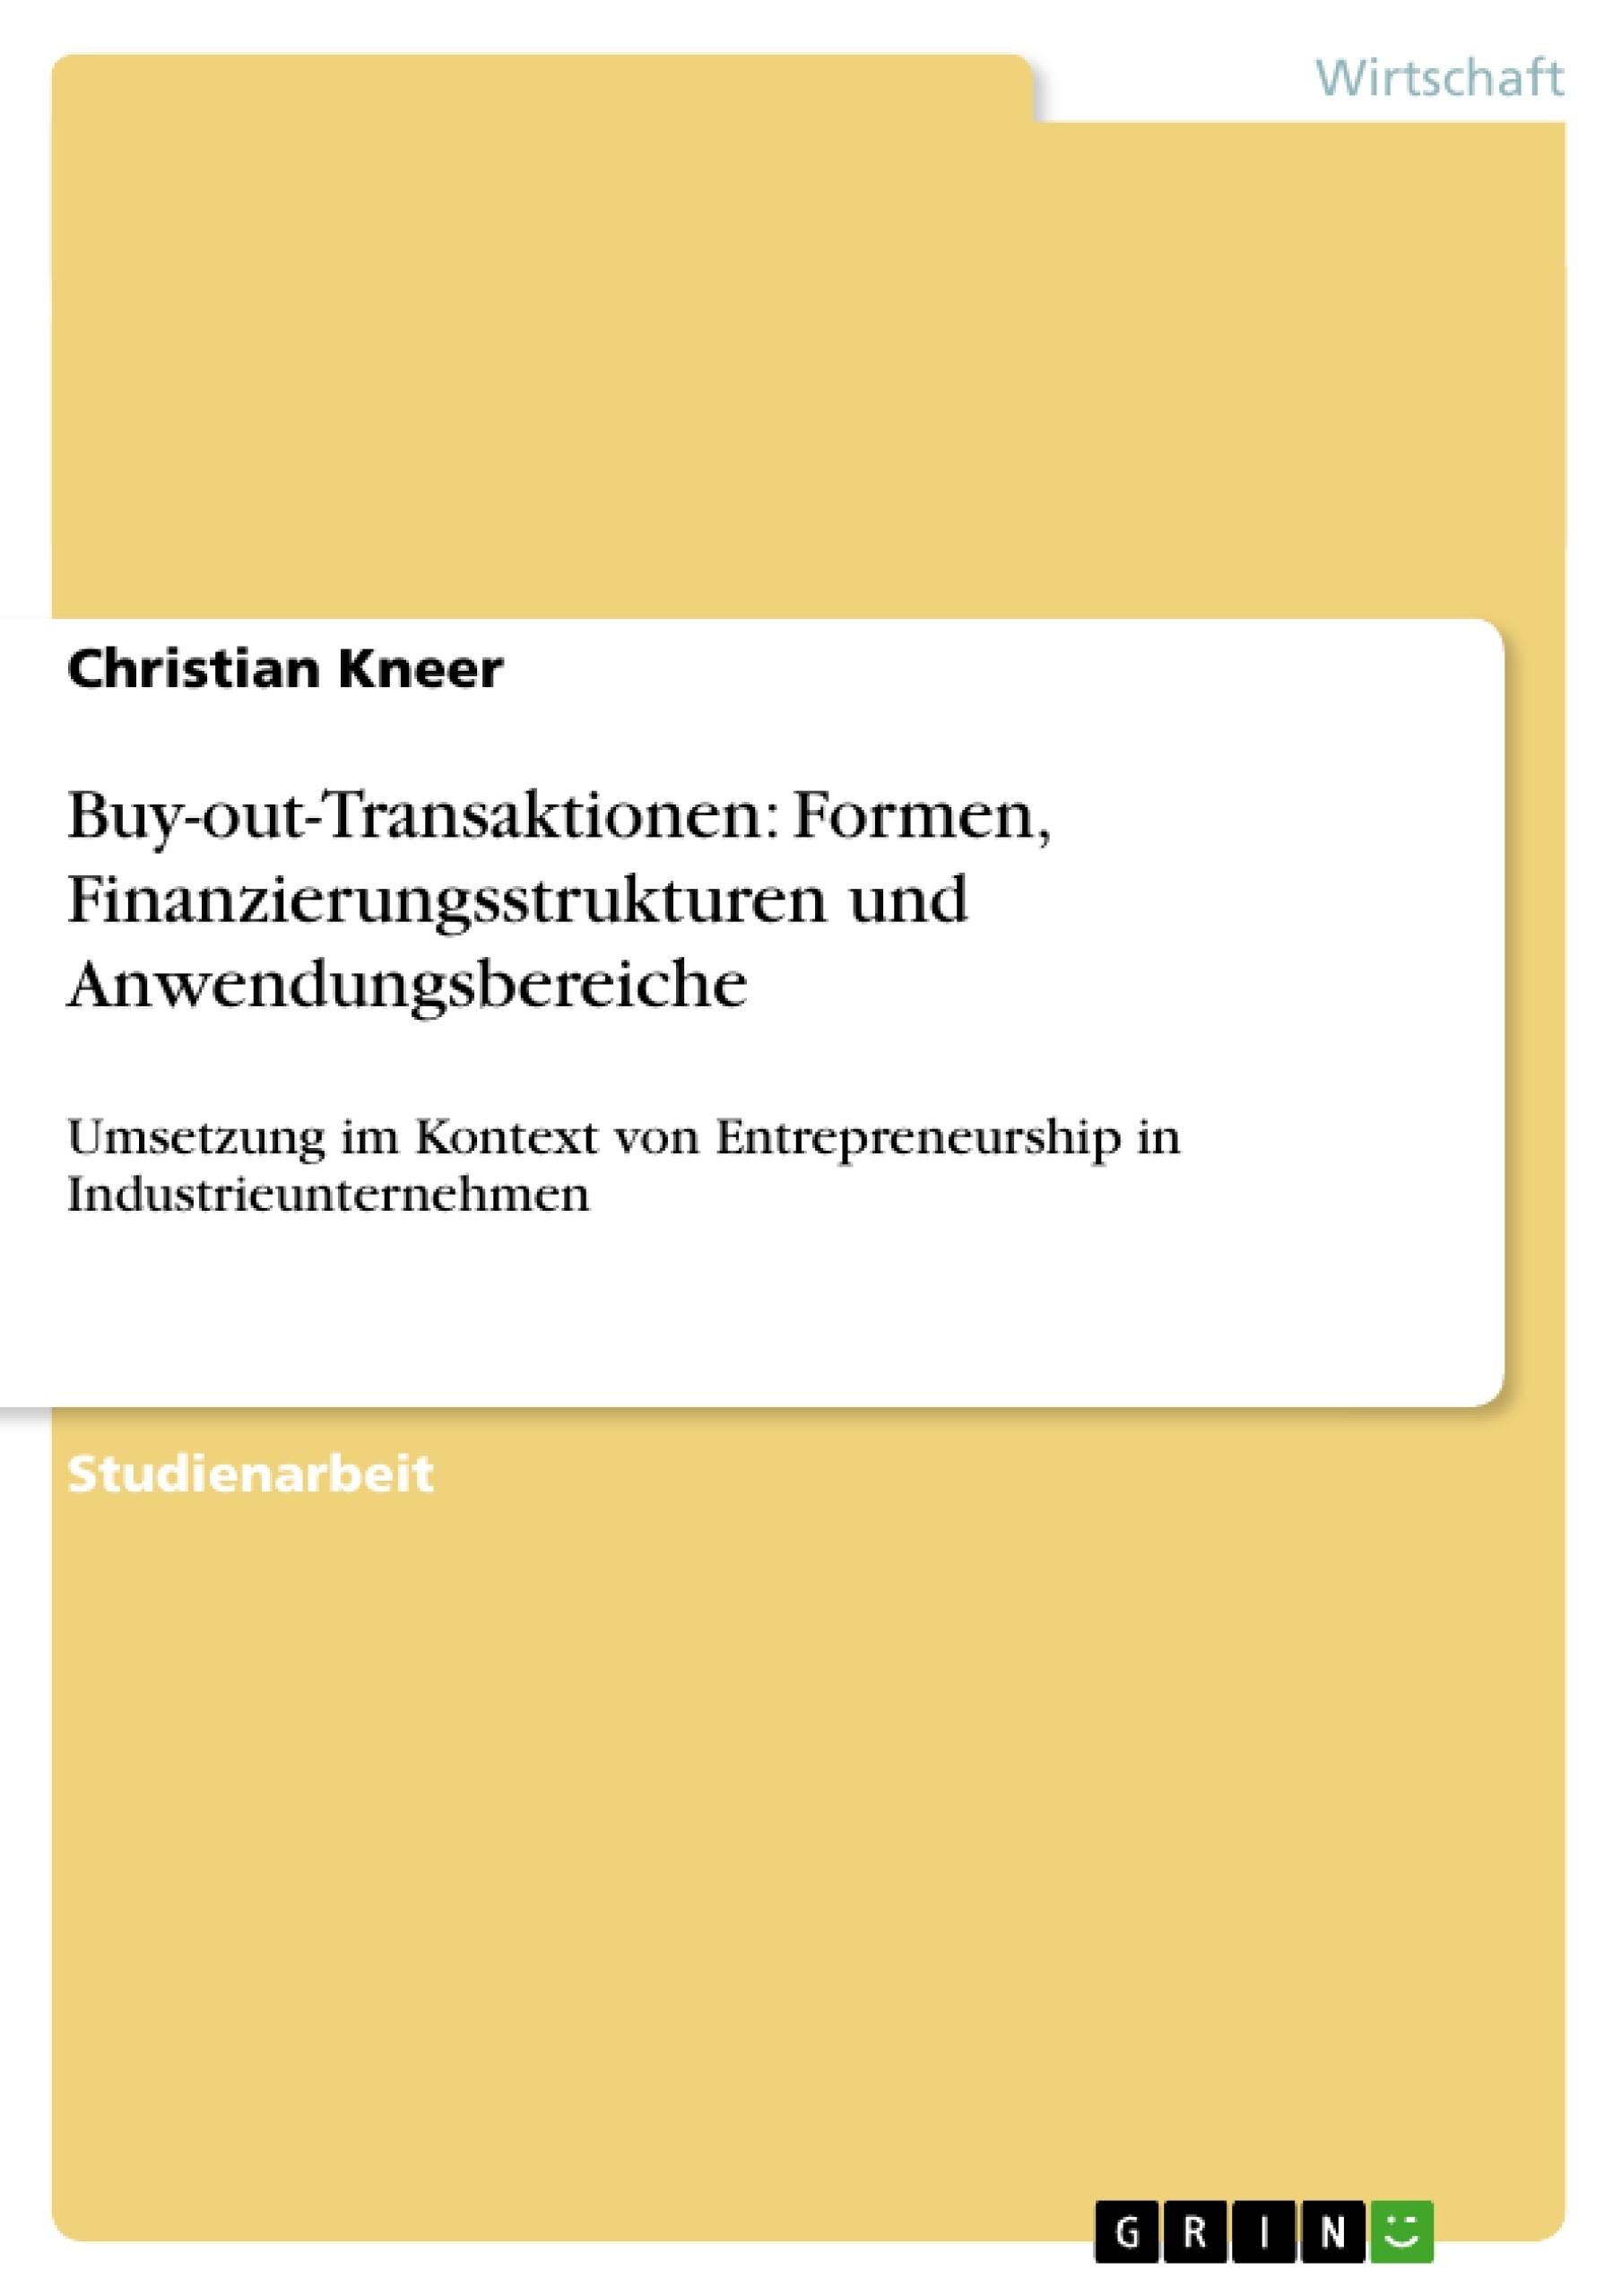 Titel: Buy-out-Transaktionen: Formen, Finanzierungsstrukturen und Anwendungsbereiche